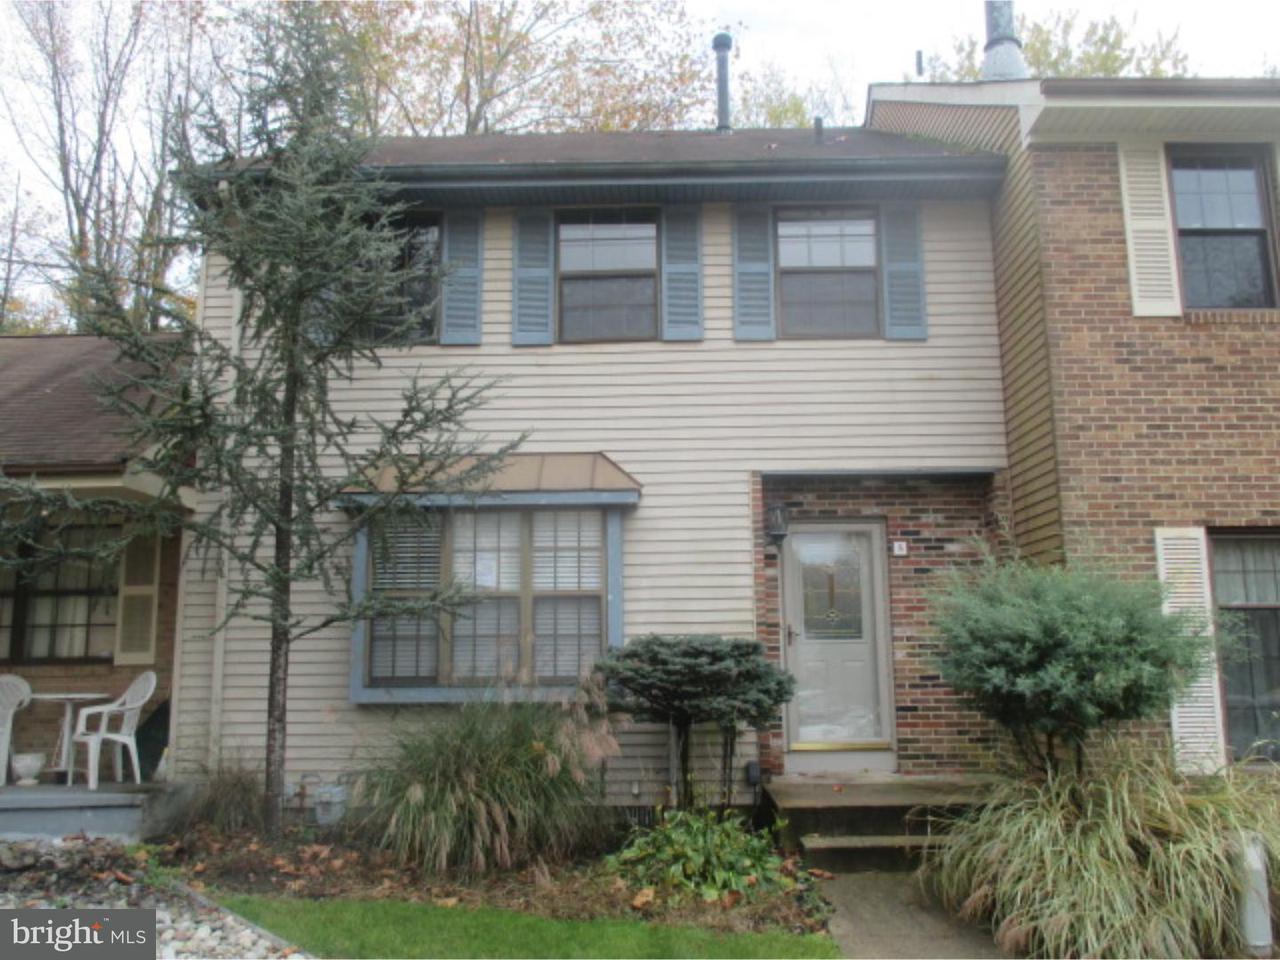 Casa unifamiliar adosada (Townhouse) por un Venta en 5 NORWOOD Court Medford, Nueva Jersey 08055 Estados Unidos